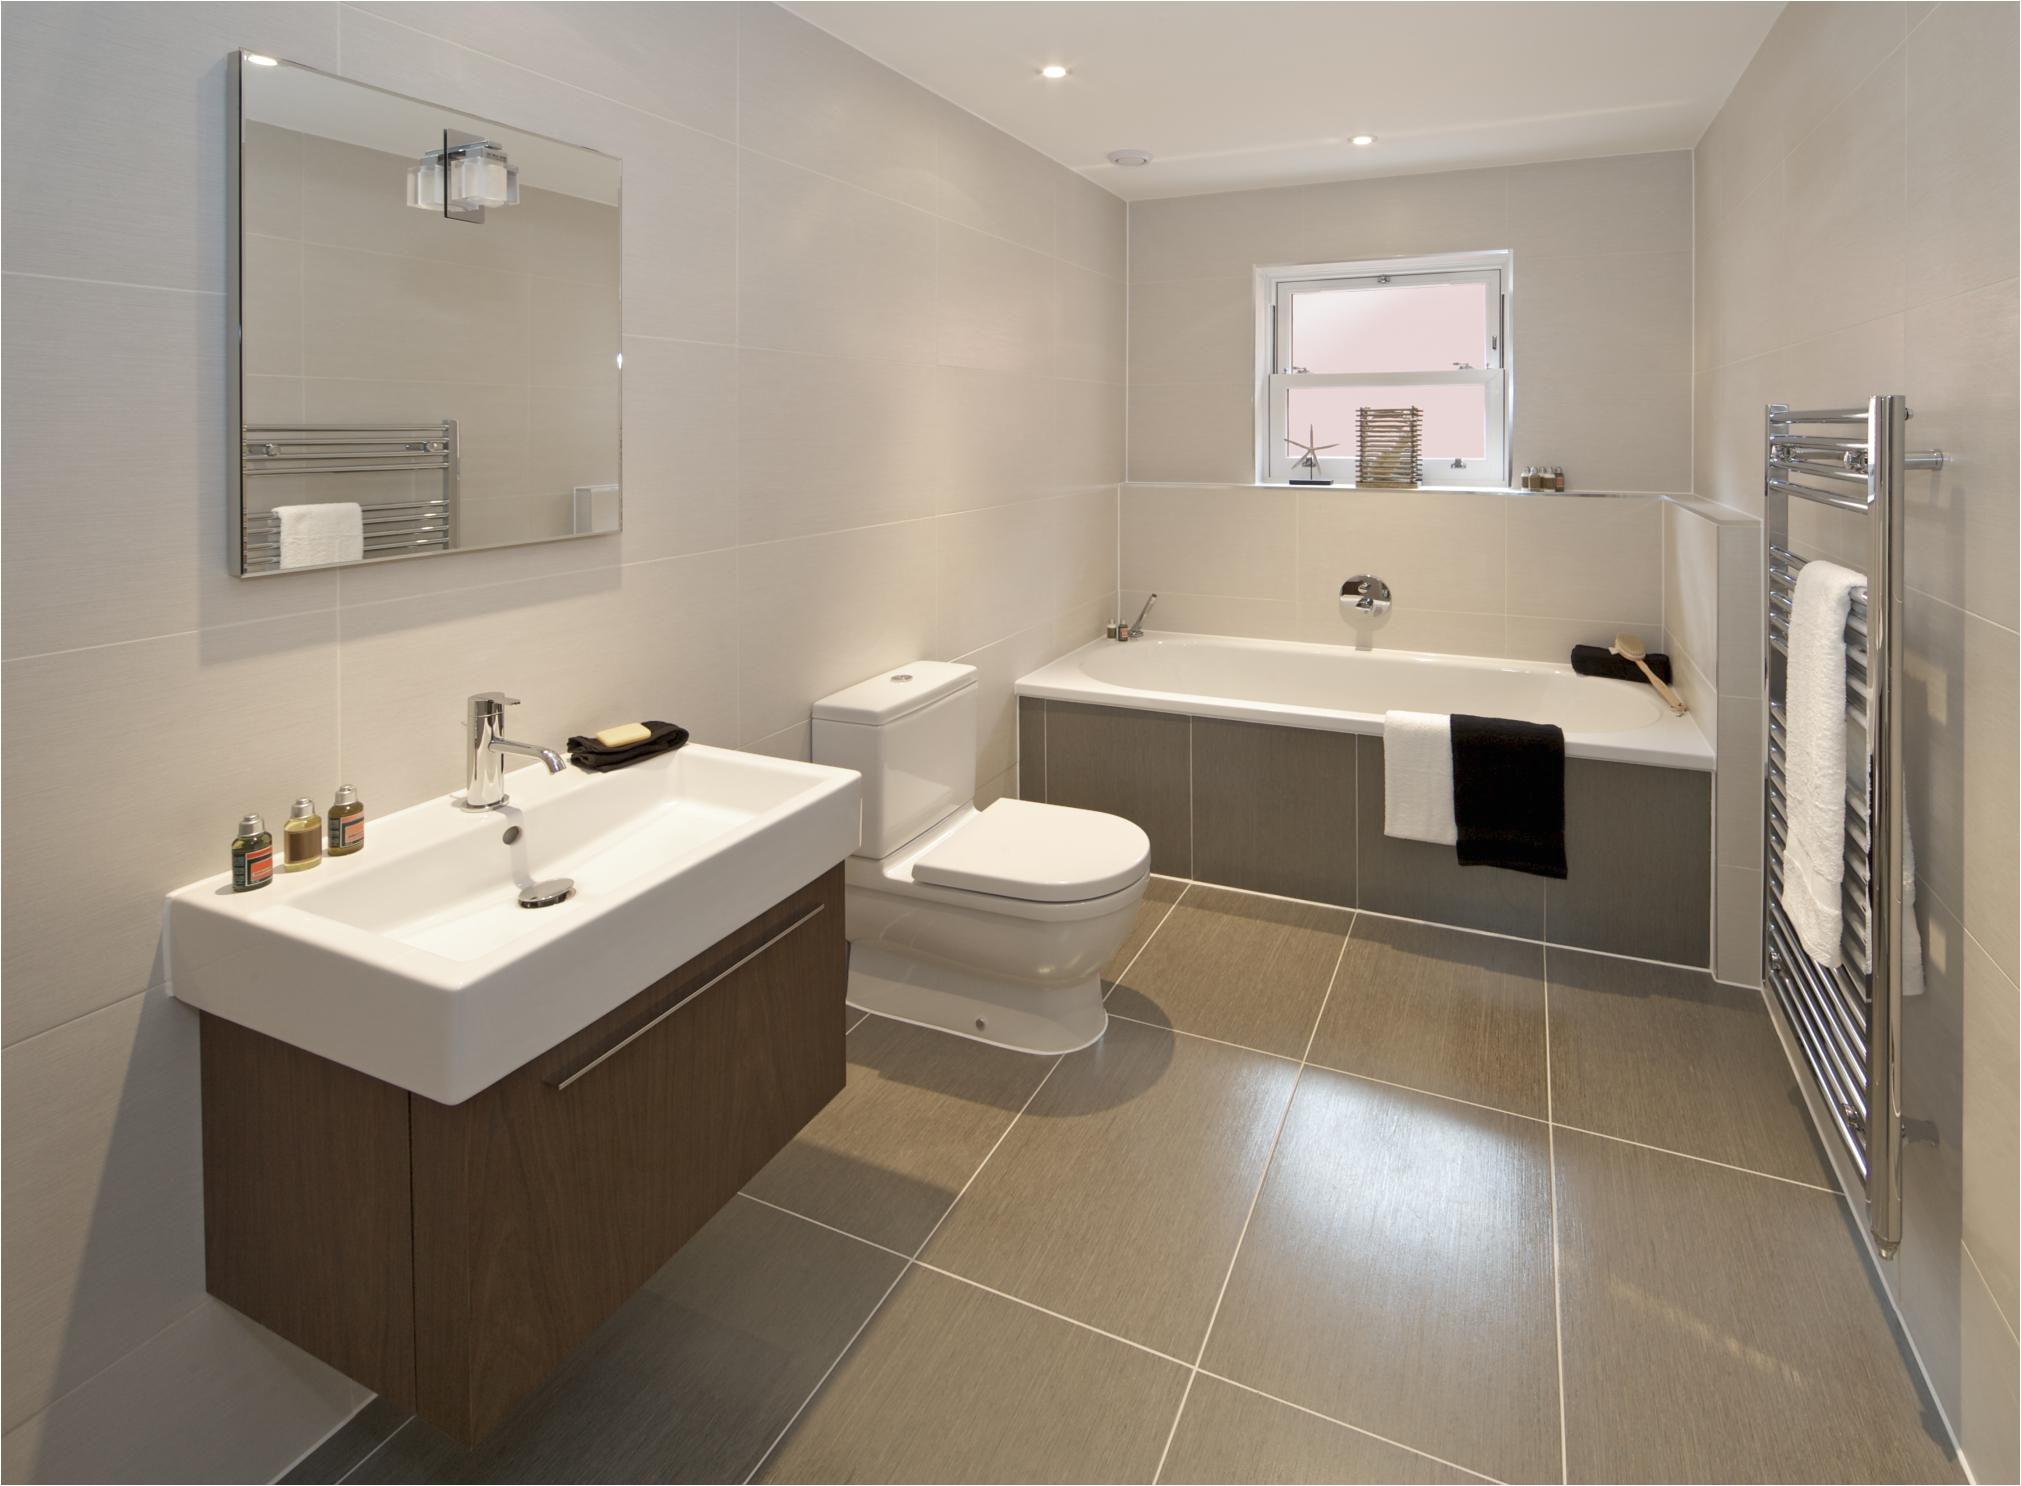 10×10 Bathroom Design Ideas Advice Best Tile Size for Bathrooms